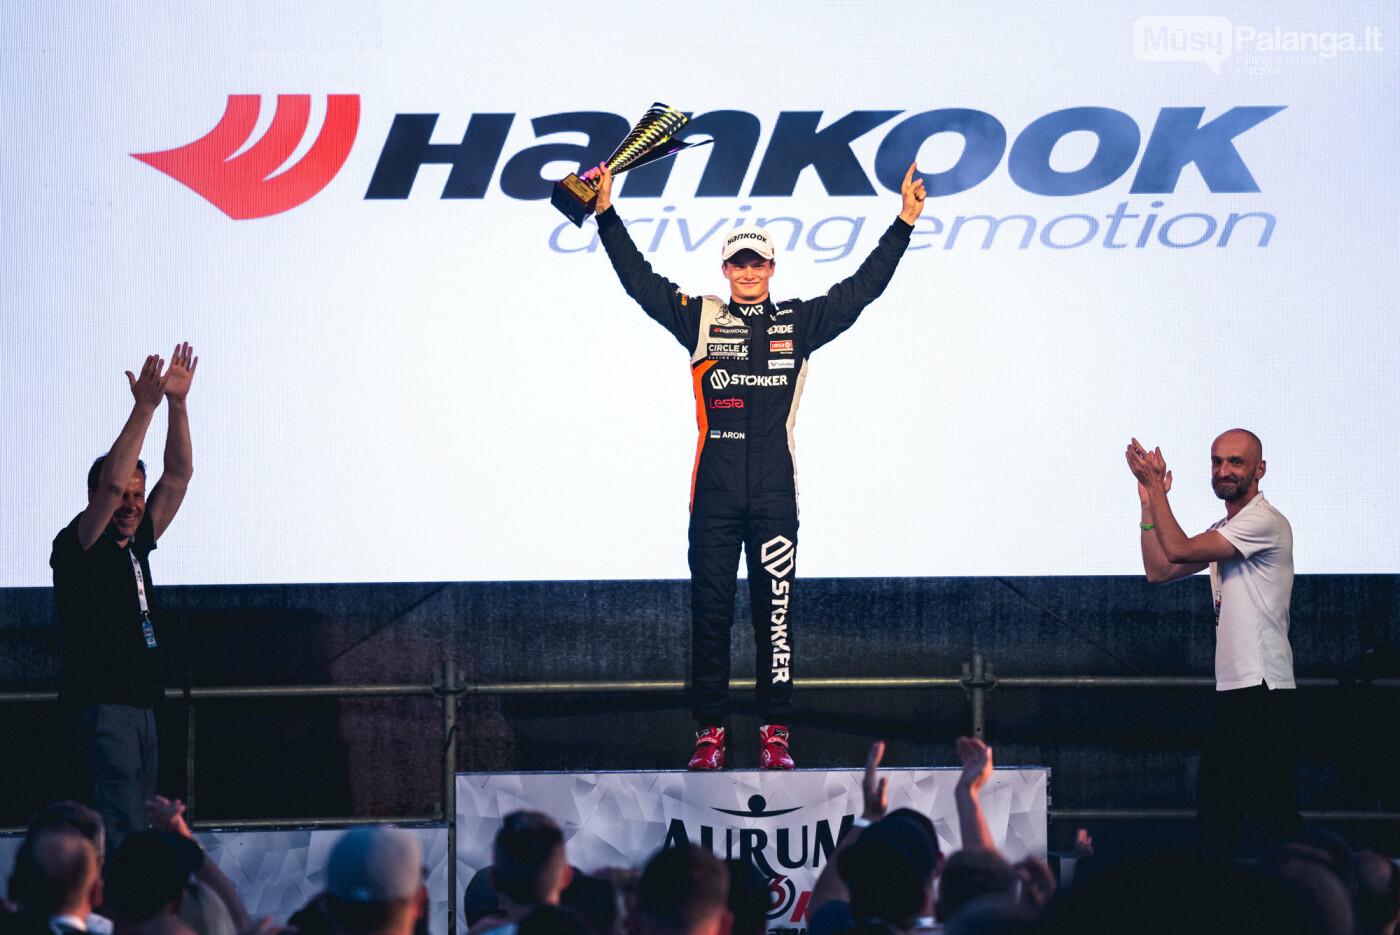 """""""Aurum 1006 km"""" lenktynėse Palangoje – praėjusių metų nugalėtojų triumfas , nuotrauka-21, Vytauto PILKAUSKO ir Arno STRUMILOS nuotr."""